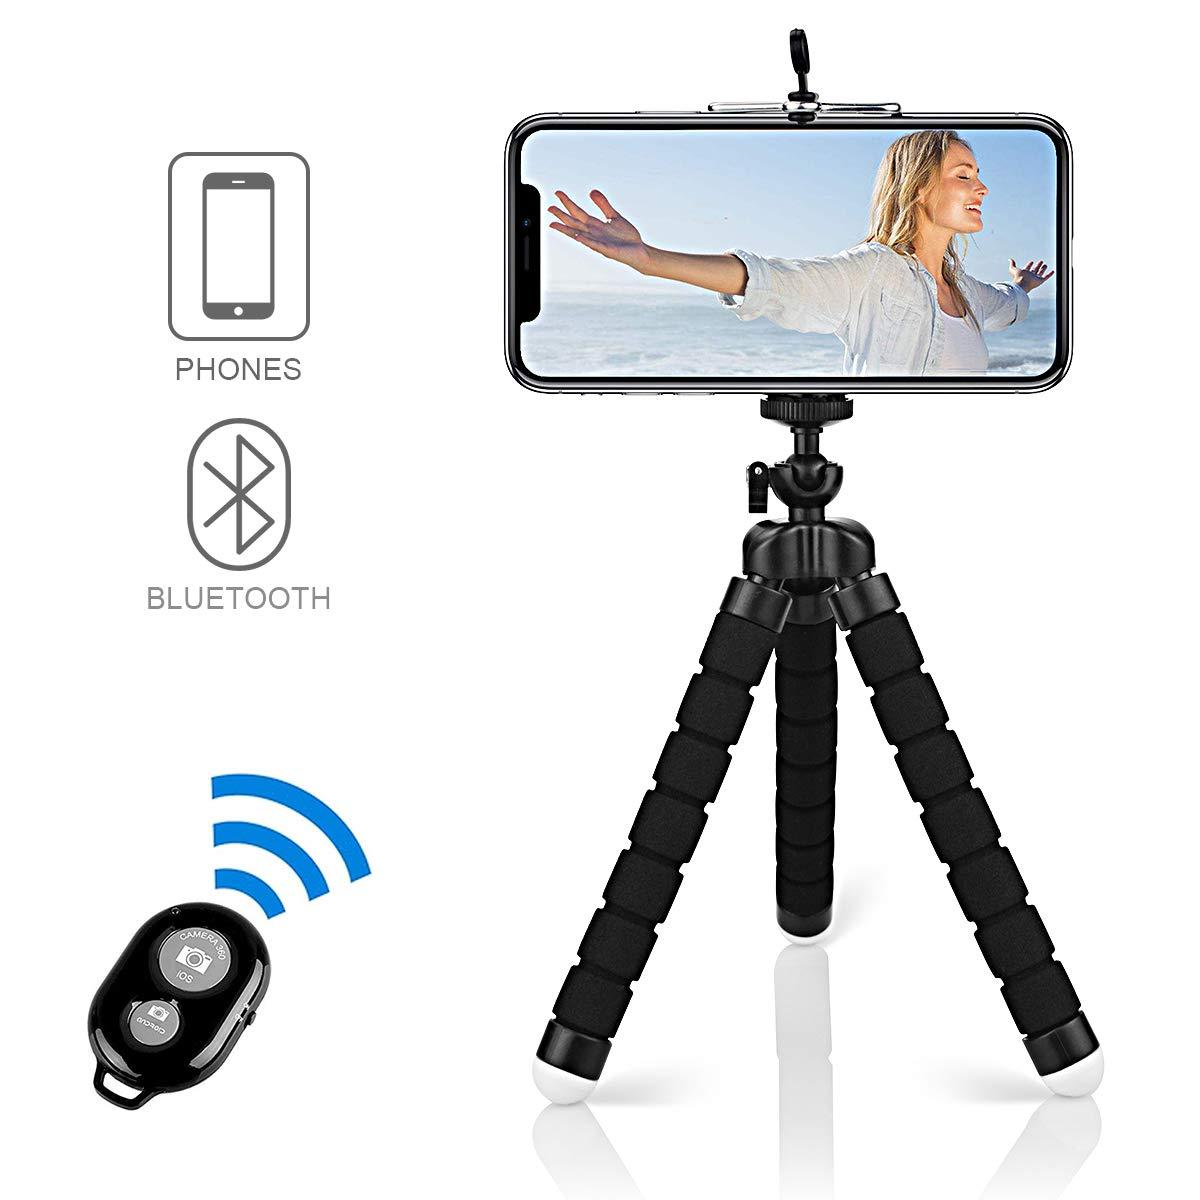 Alfort Mini Trípode, Trípode Móvil Flexible 360° Rotación Teléfonos de Soporte con Control Remoto Portátil